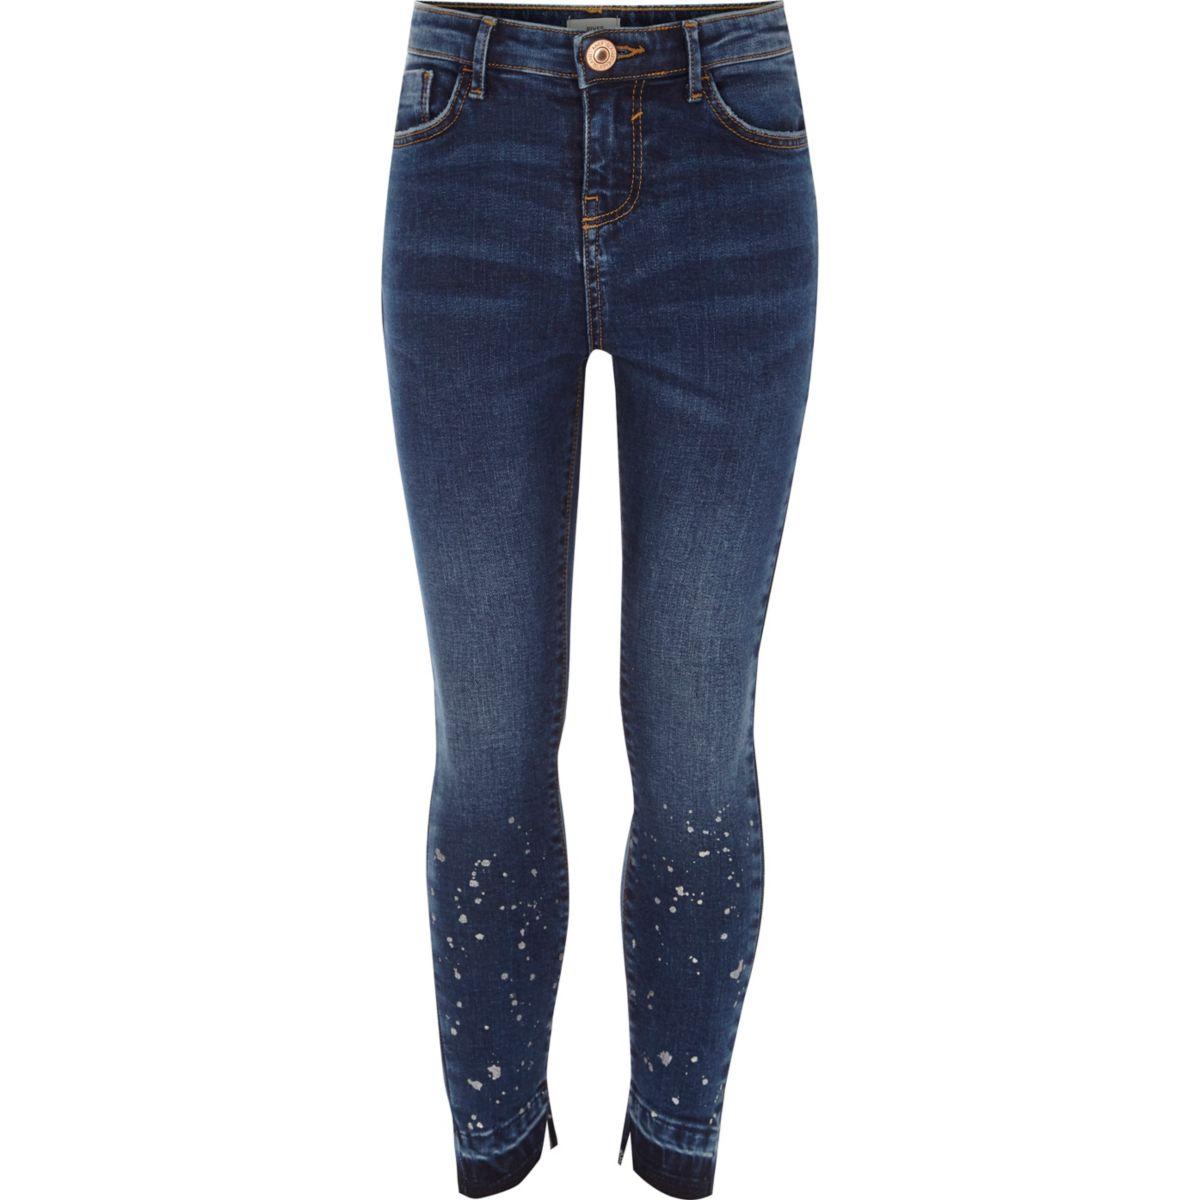 Girls dark blue paint splatter skinny jeans